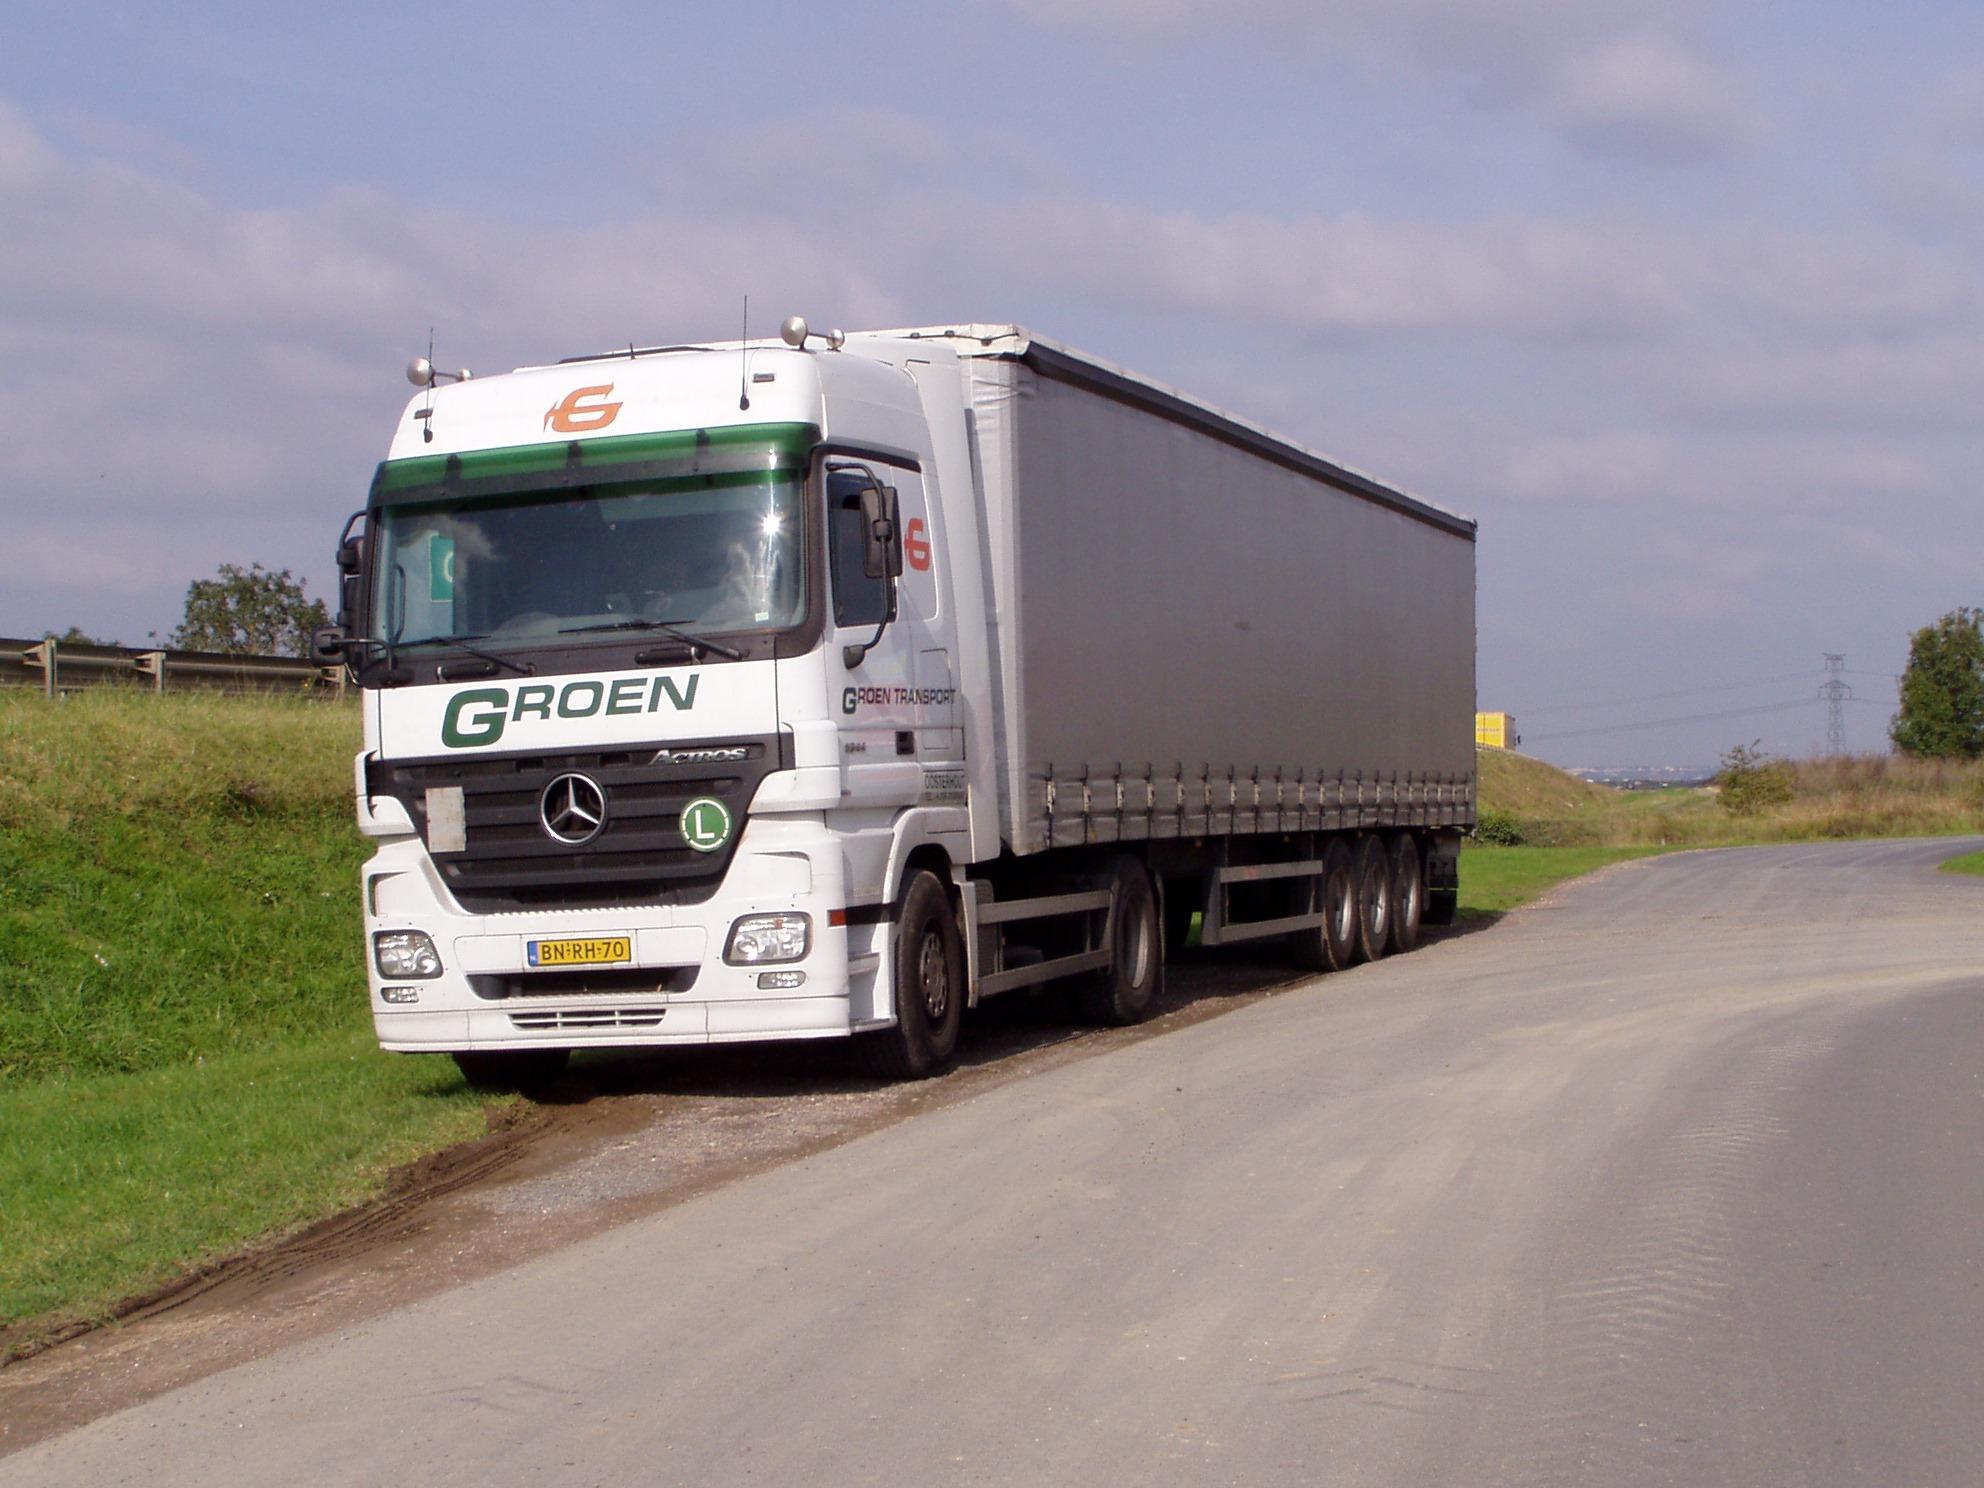 Groen-transport-heeft-de-wagen-verhuurd-aan-Lucas-in-Raamdonksveer-met-chauffeur-Ger-van-Vlimmeren--2007--(1)